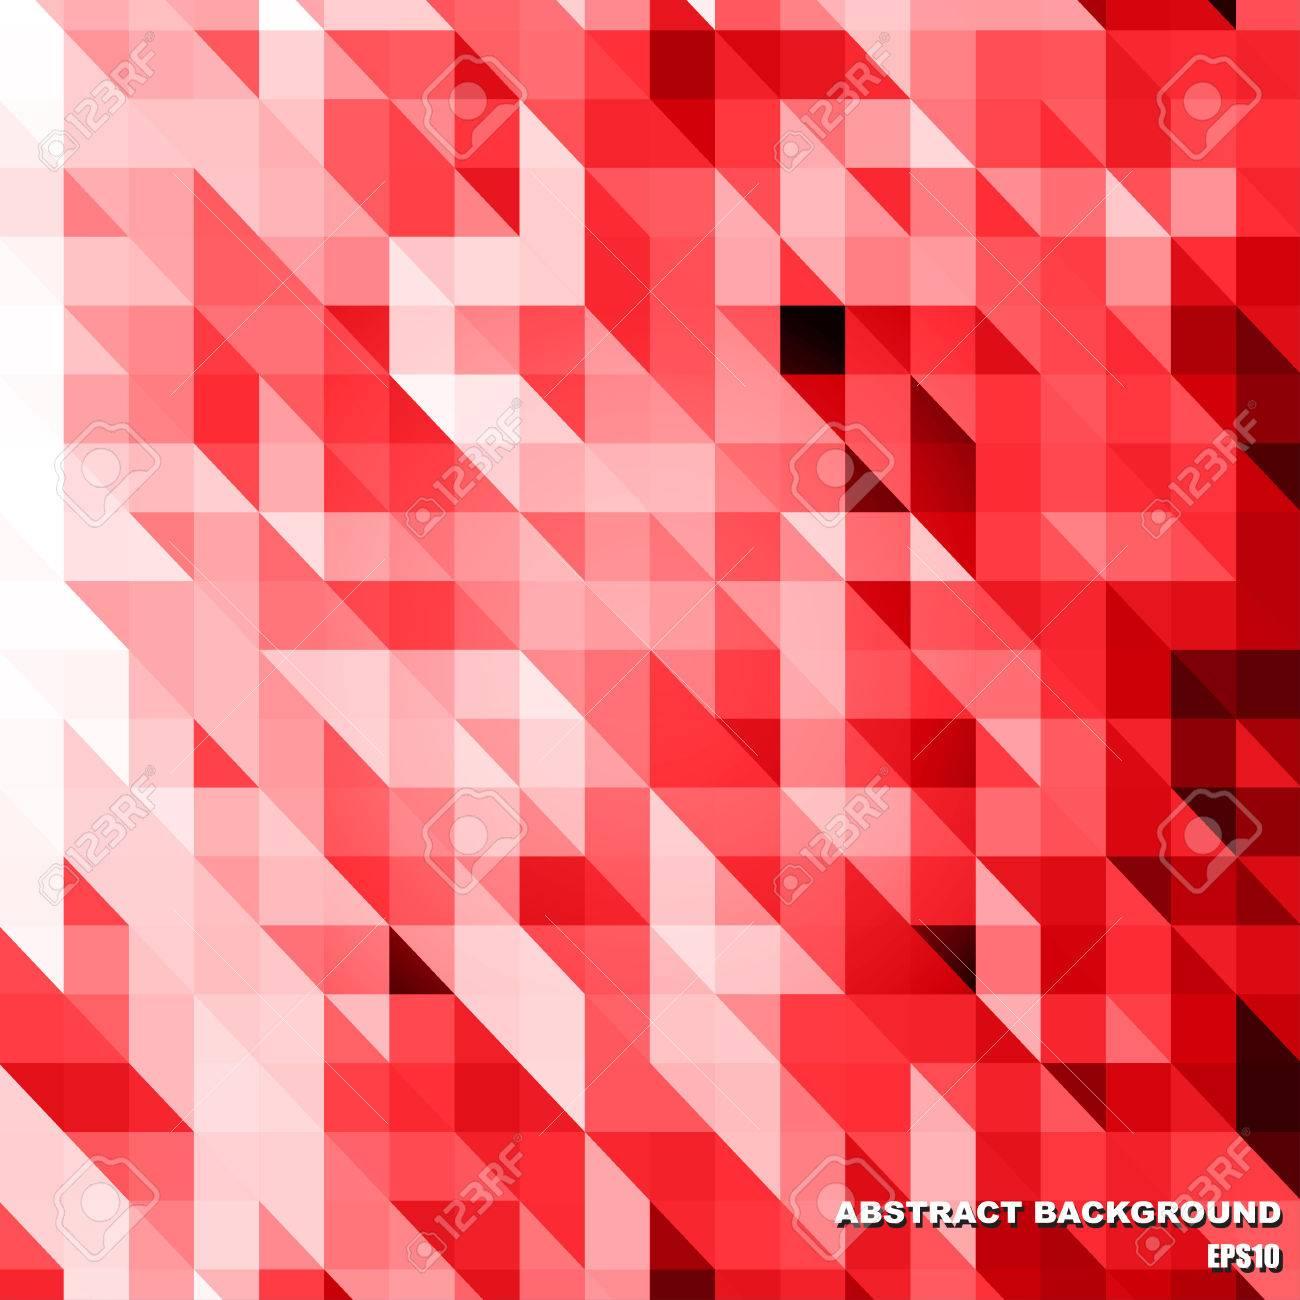 resume vecteur fond colore rouge blanc couleur noire